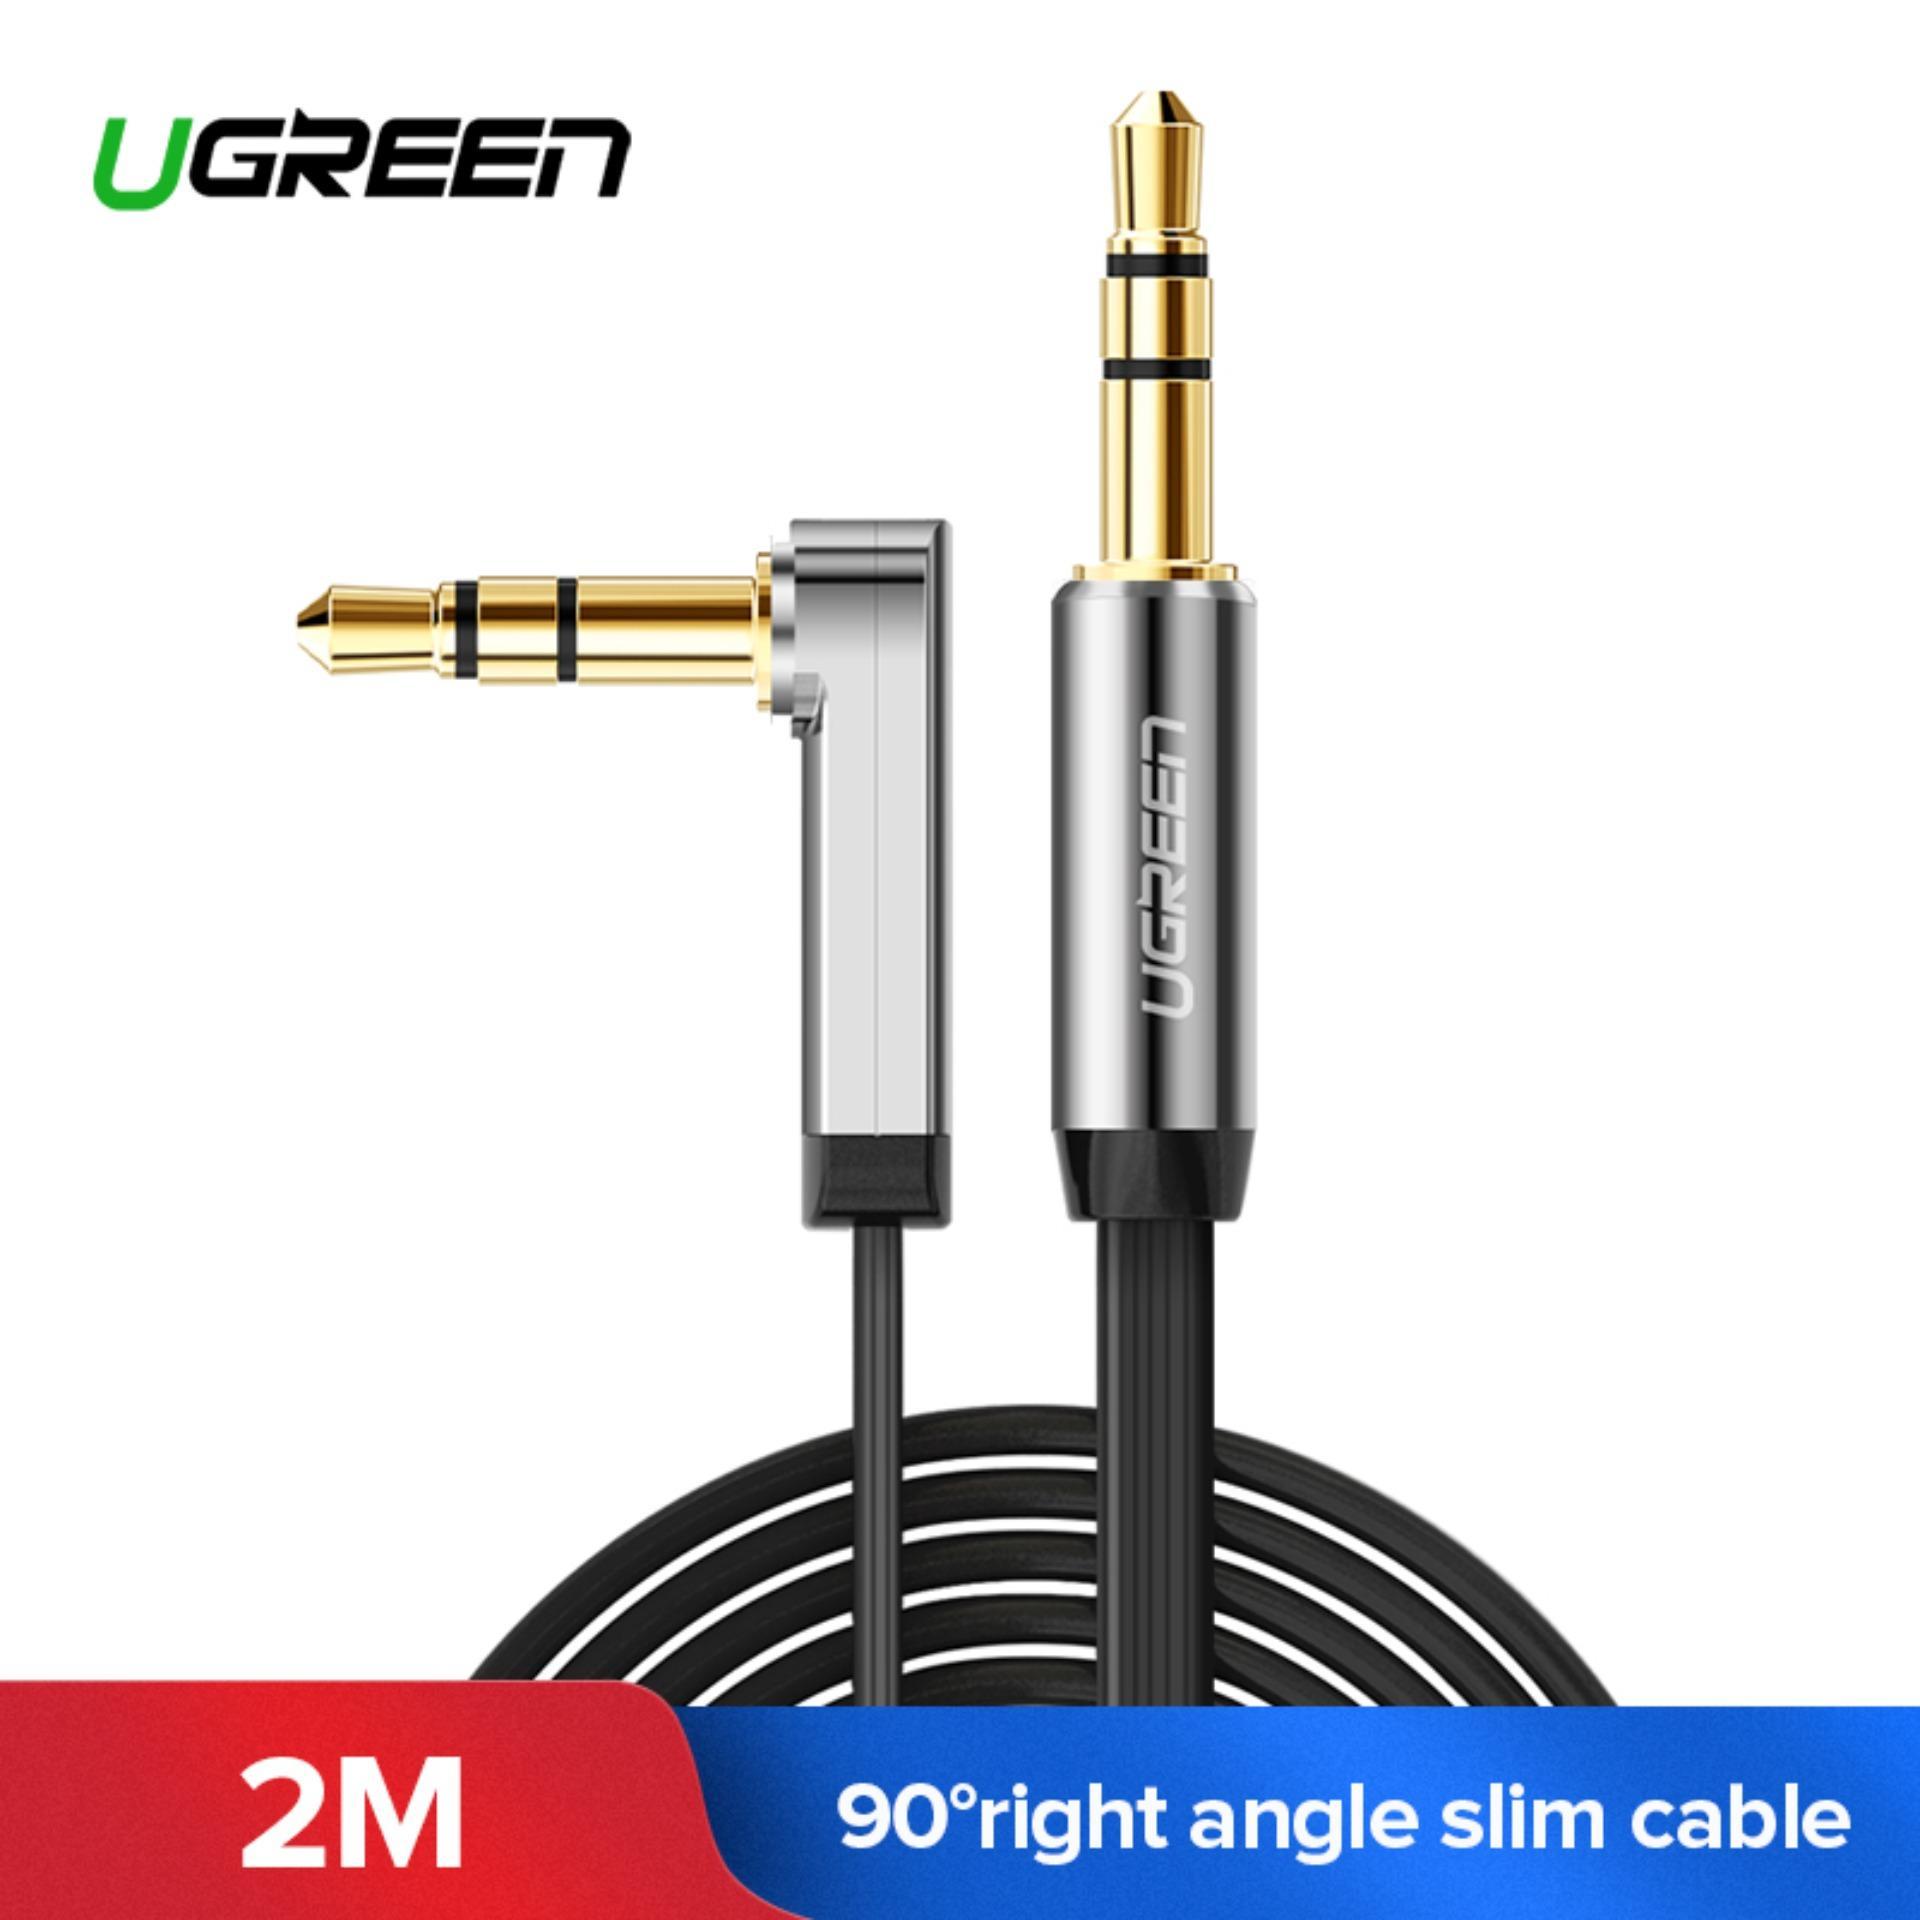 UGREEN 3.5mm Stereo Audio Tambahan Kabel 90 Derajat Sudut Siku (2 M) Hitam